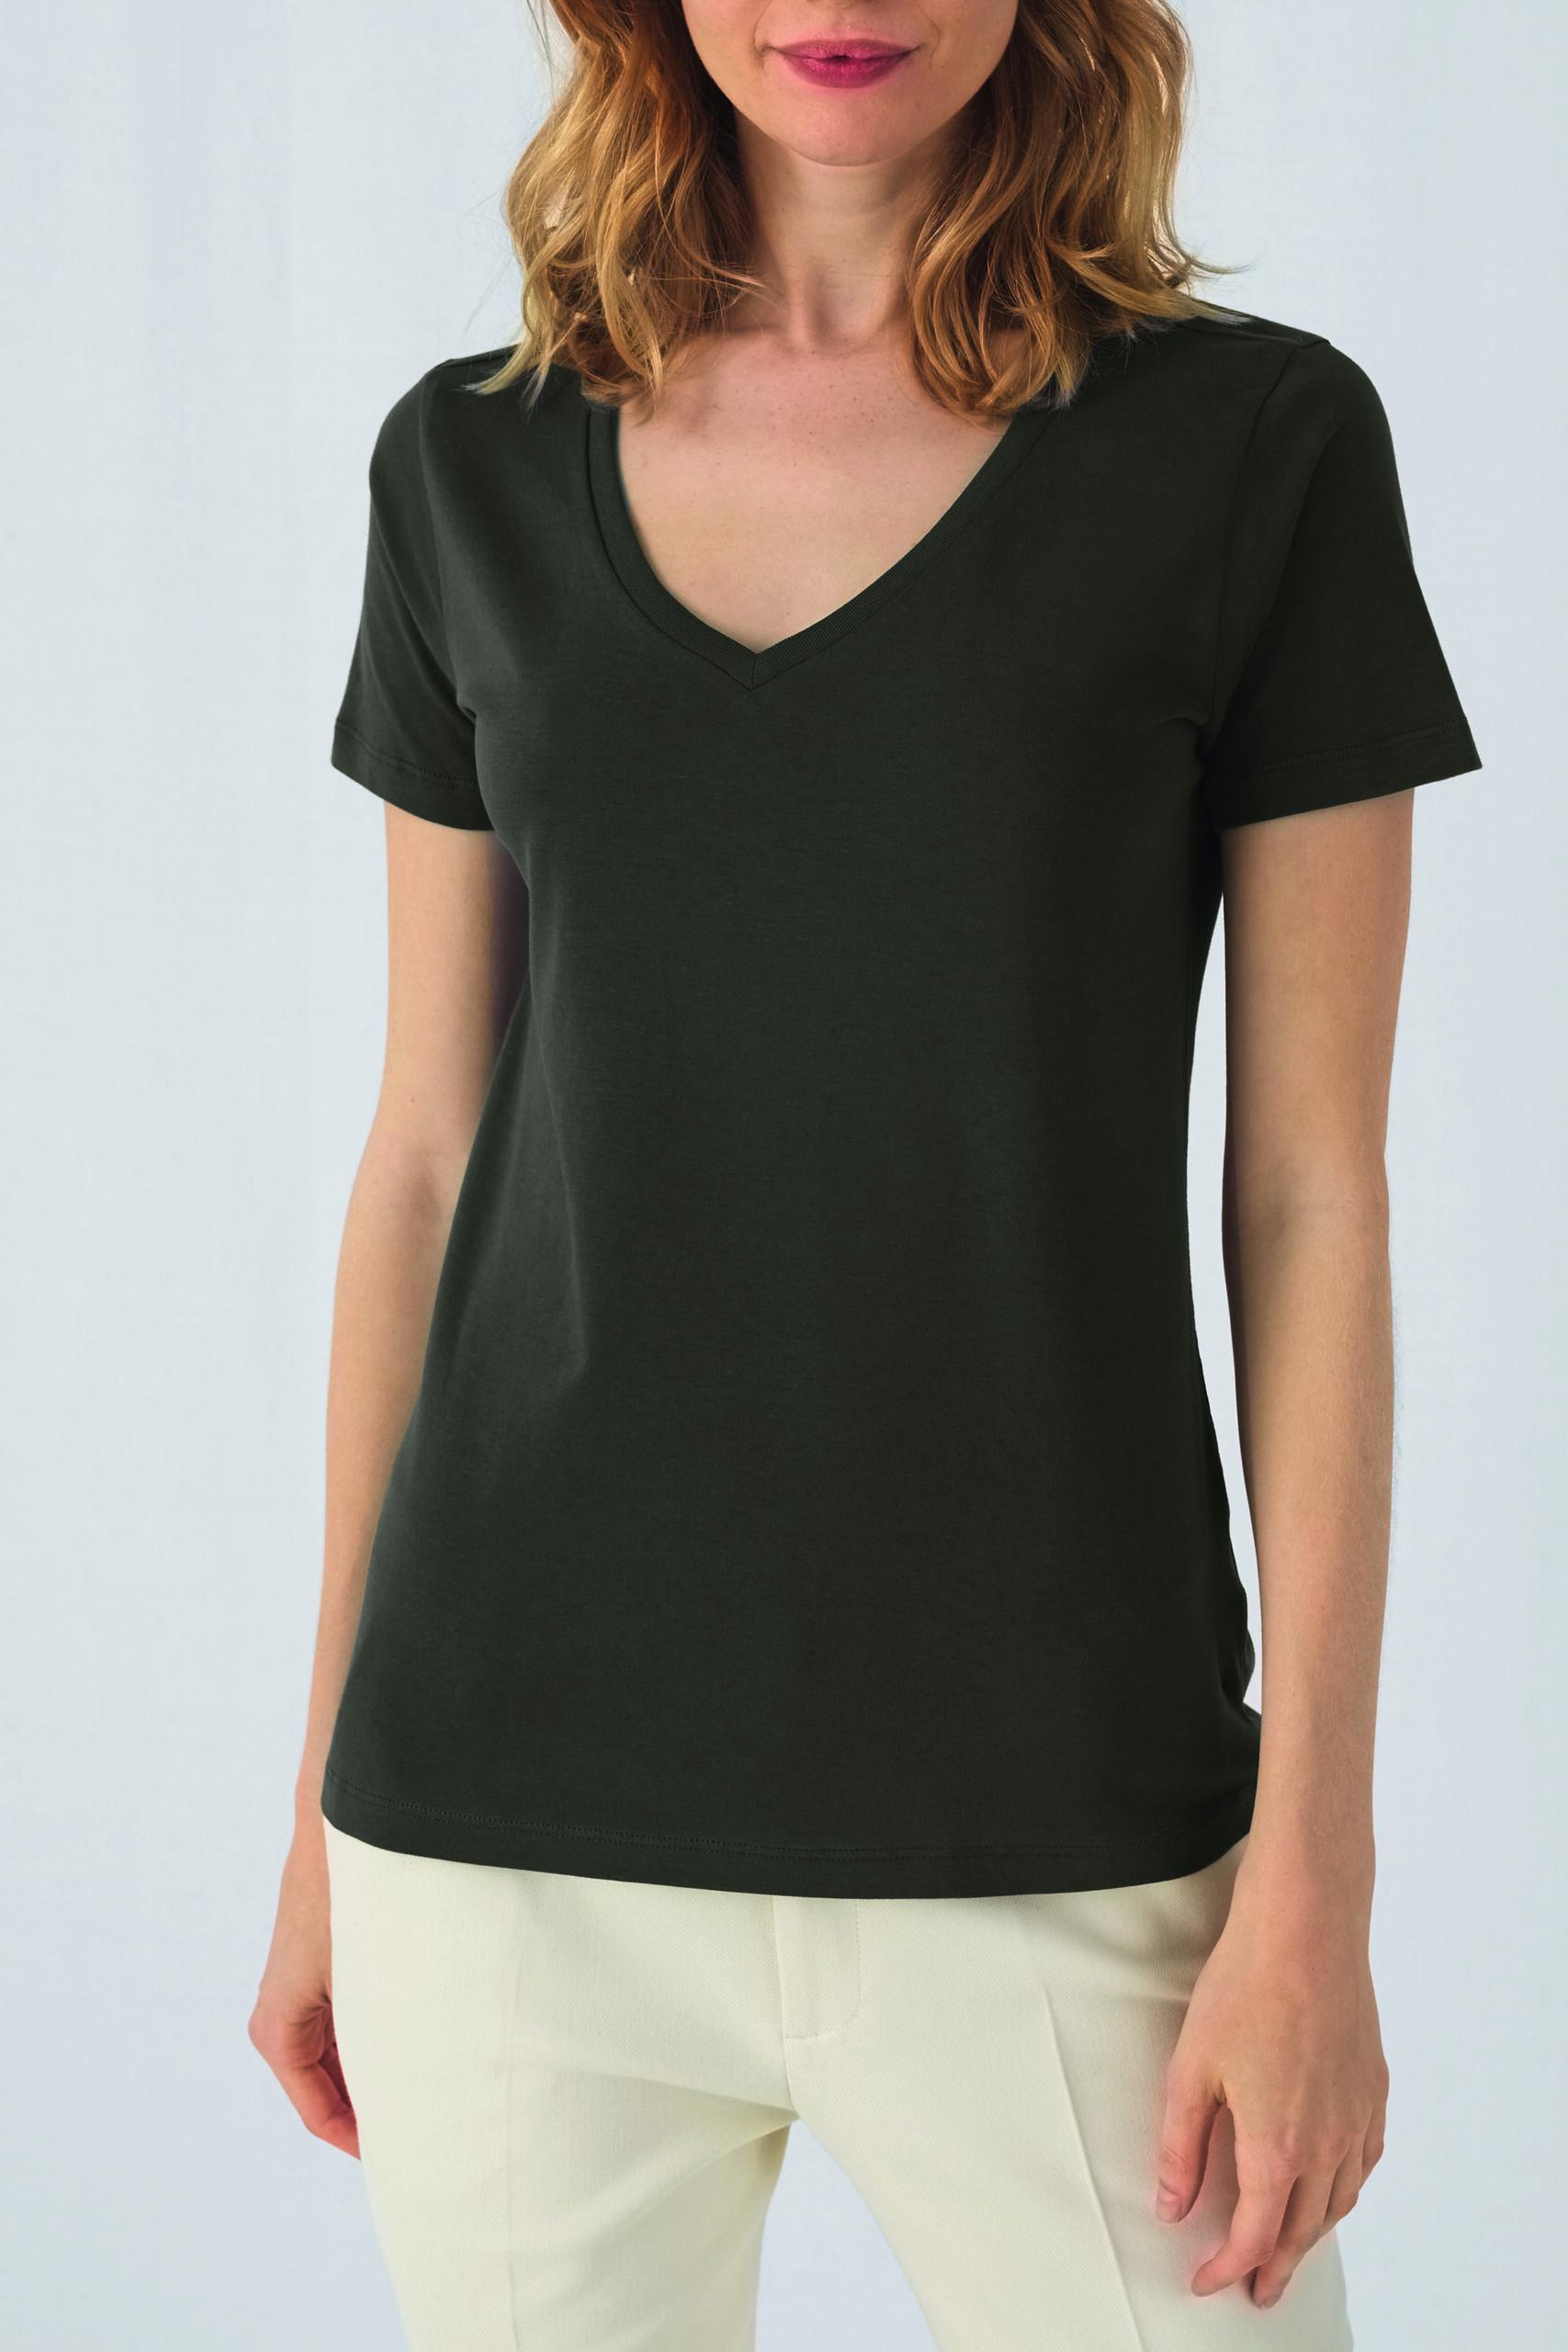 Økologisk, Fair Wear Og Oekotex T-shirt Med V-hals Til Kvinder I En 140g/m2 Kvalitet [ BCTW045]